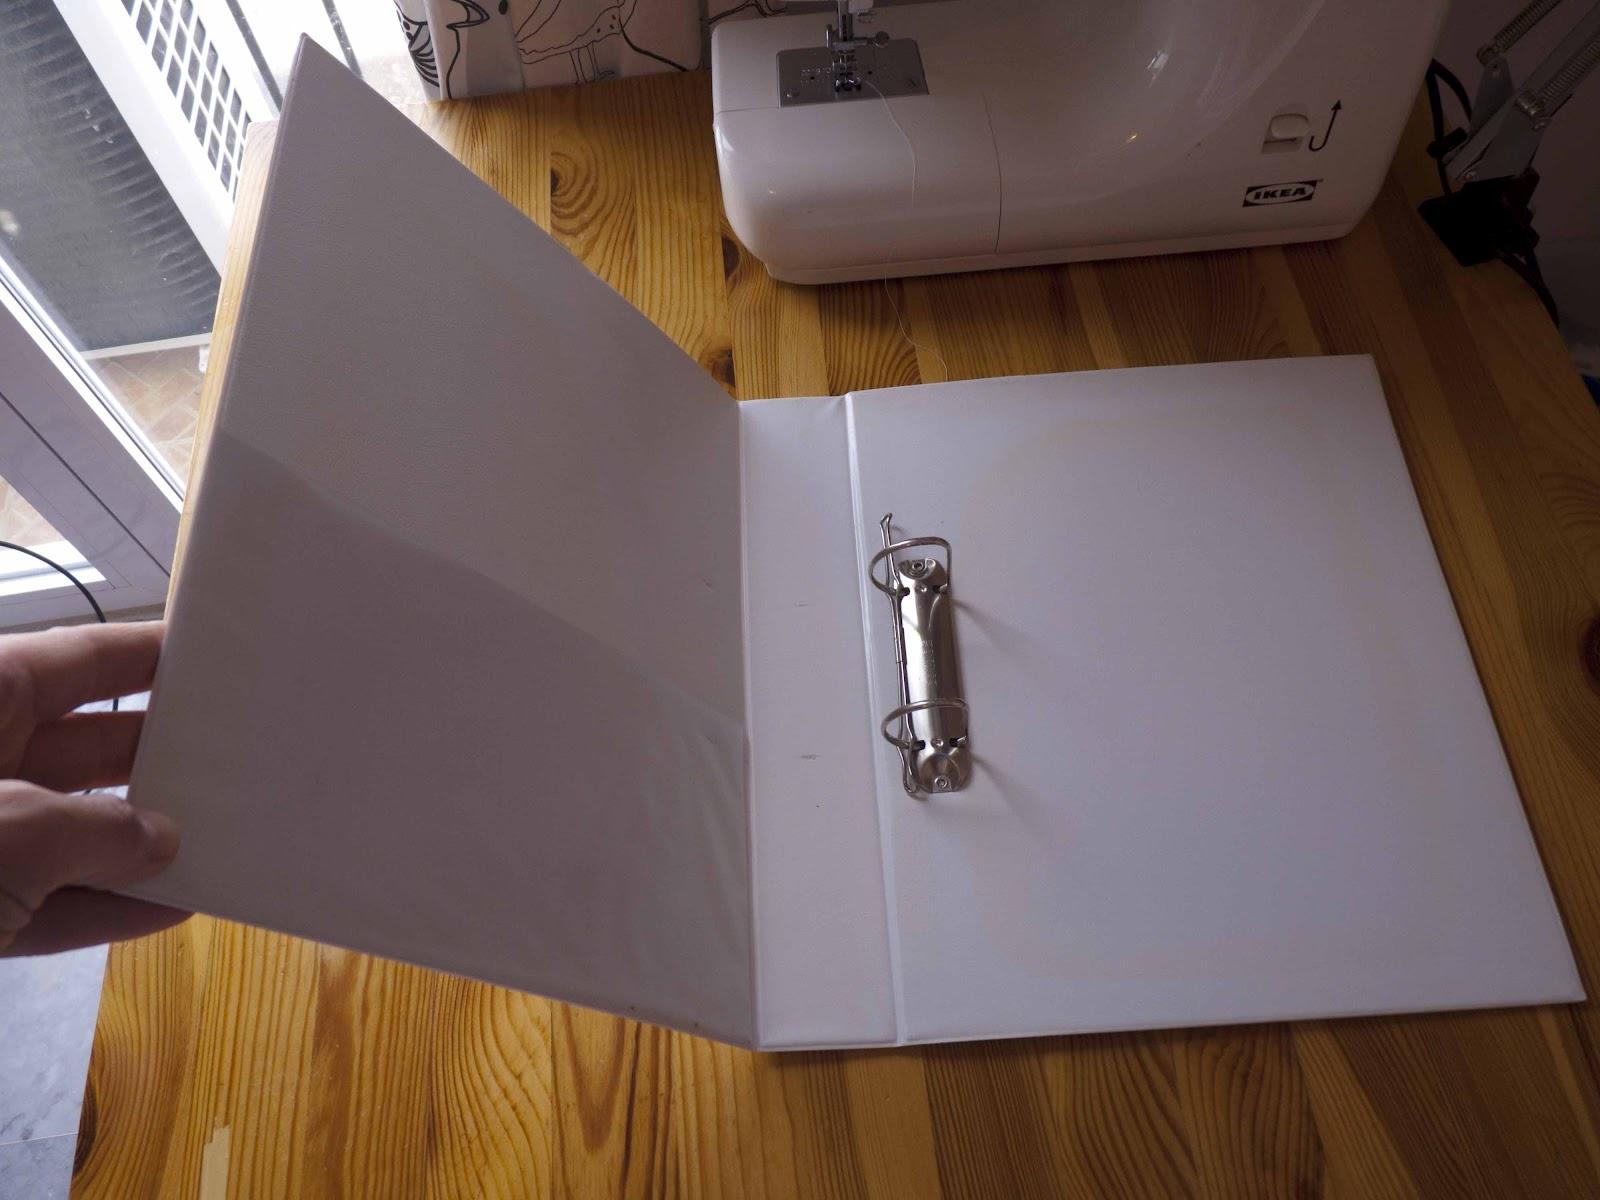 Las cositas de marga manualidades lbum para fotos con t cnica patch work y material reciclado - Manualidades album de fotos casero ...